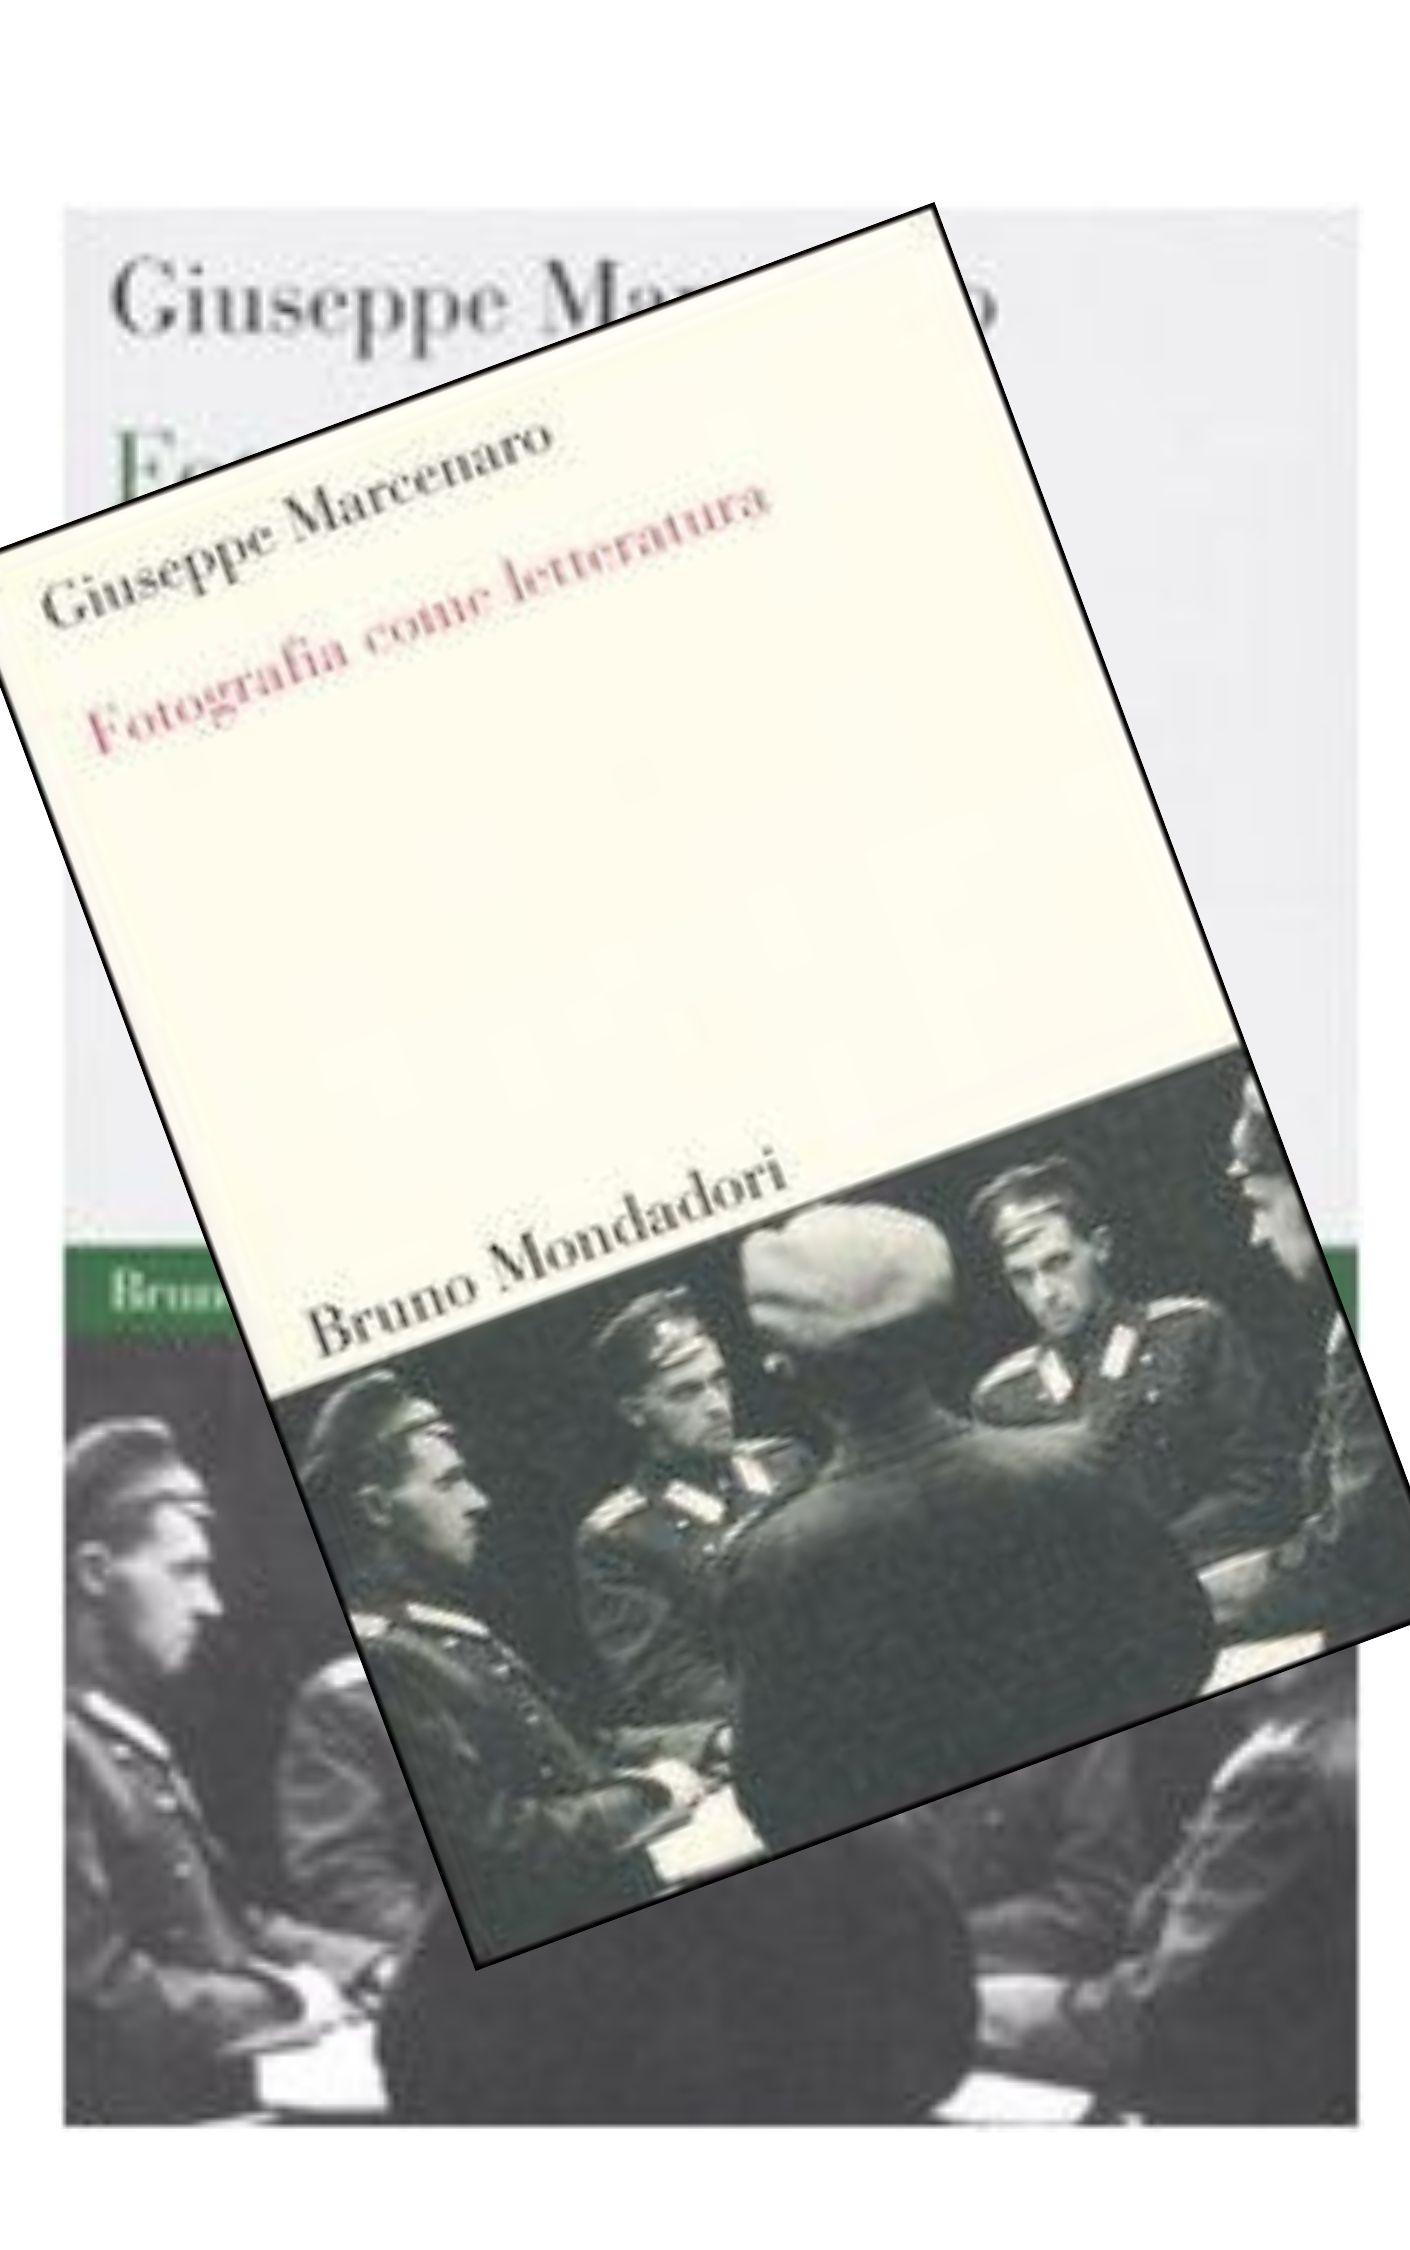 Le istantanee letterarie di Giuseppe Marcenaro in un libro del 2004 ormai rarissimo